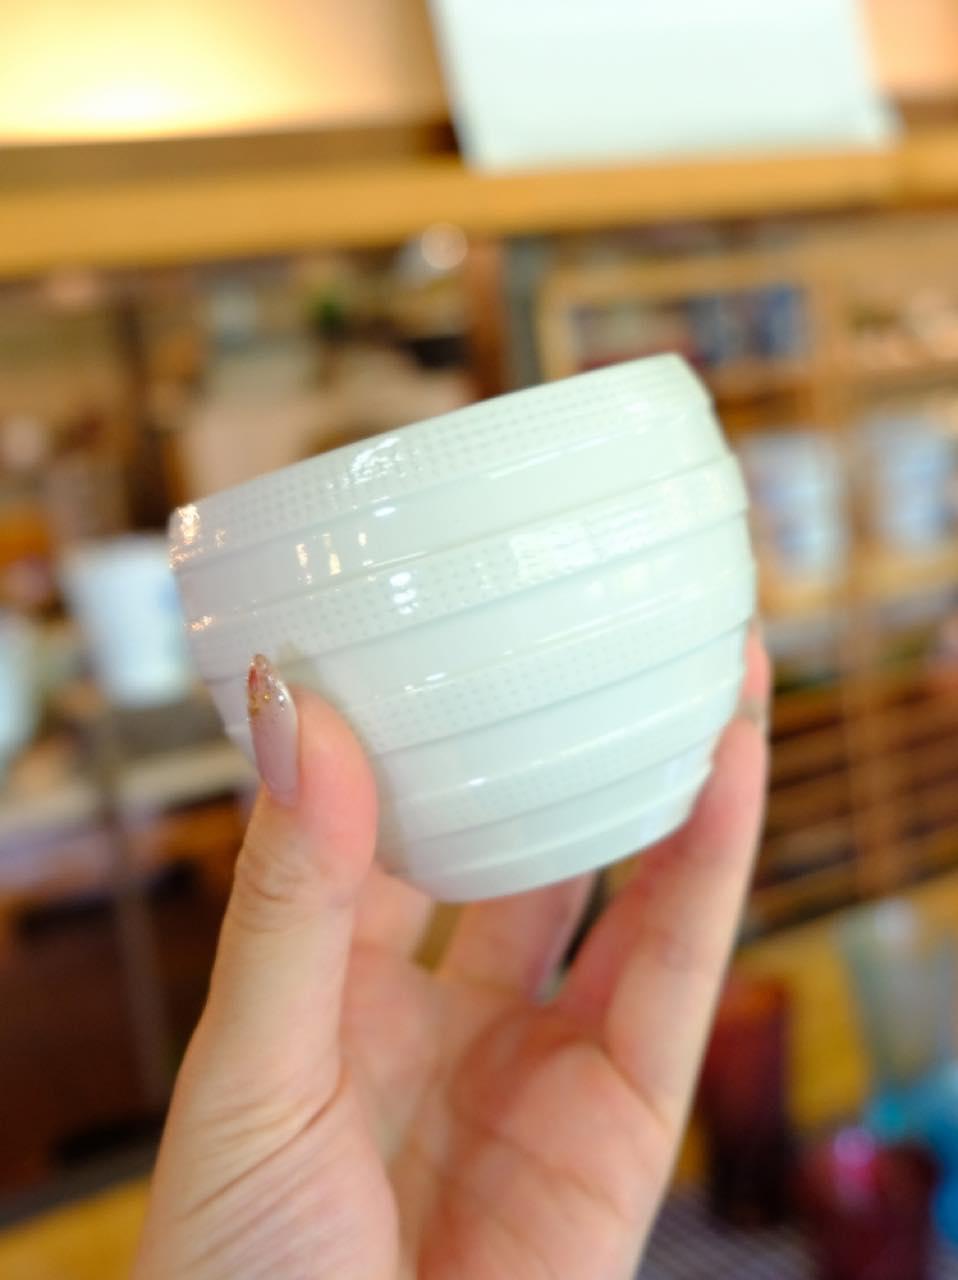 画像: その後で立ち寄ったセレクトショップ「One Clay」で一真窯の器を見ることができました。真っ白で使いやすそうです。あっこれ、さっき焼く前のを見たやつだー、と興奮。